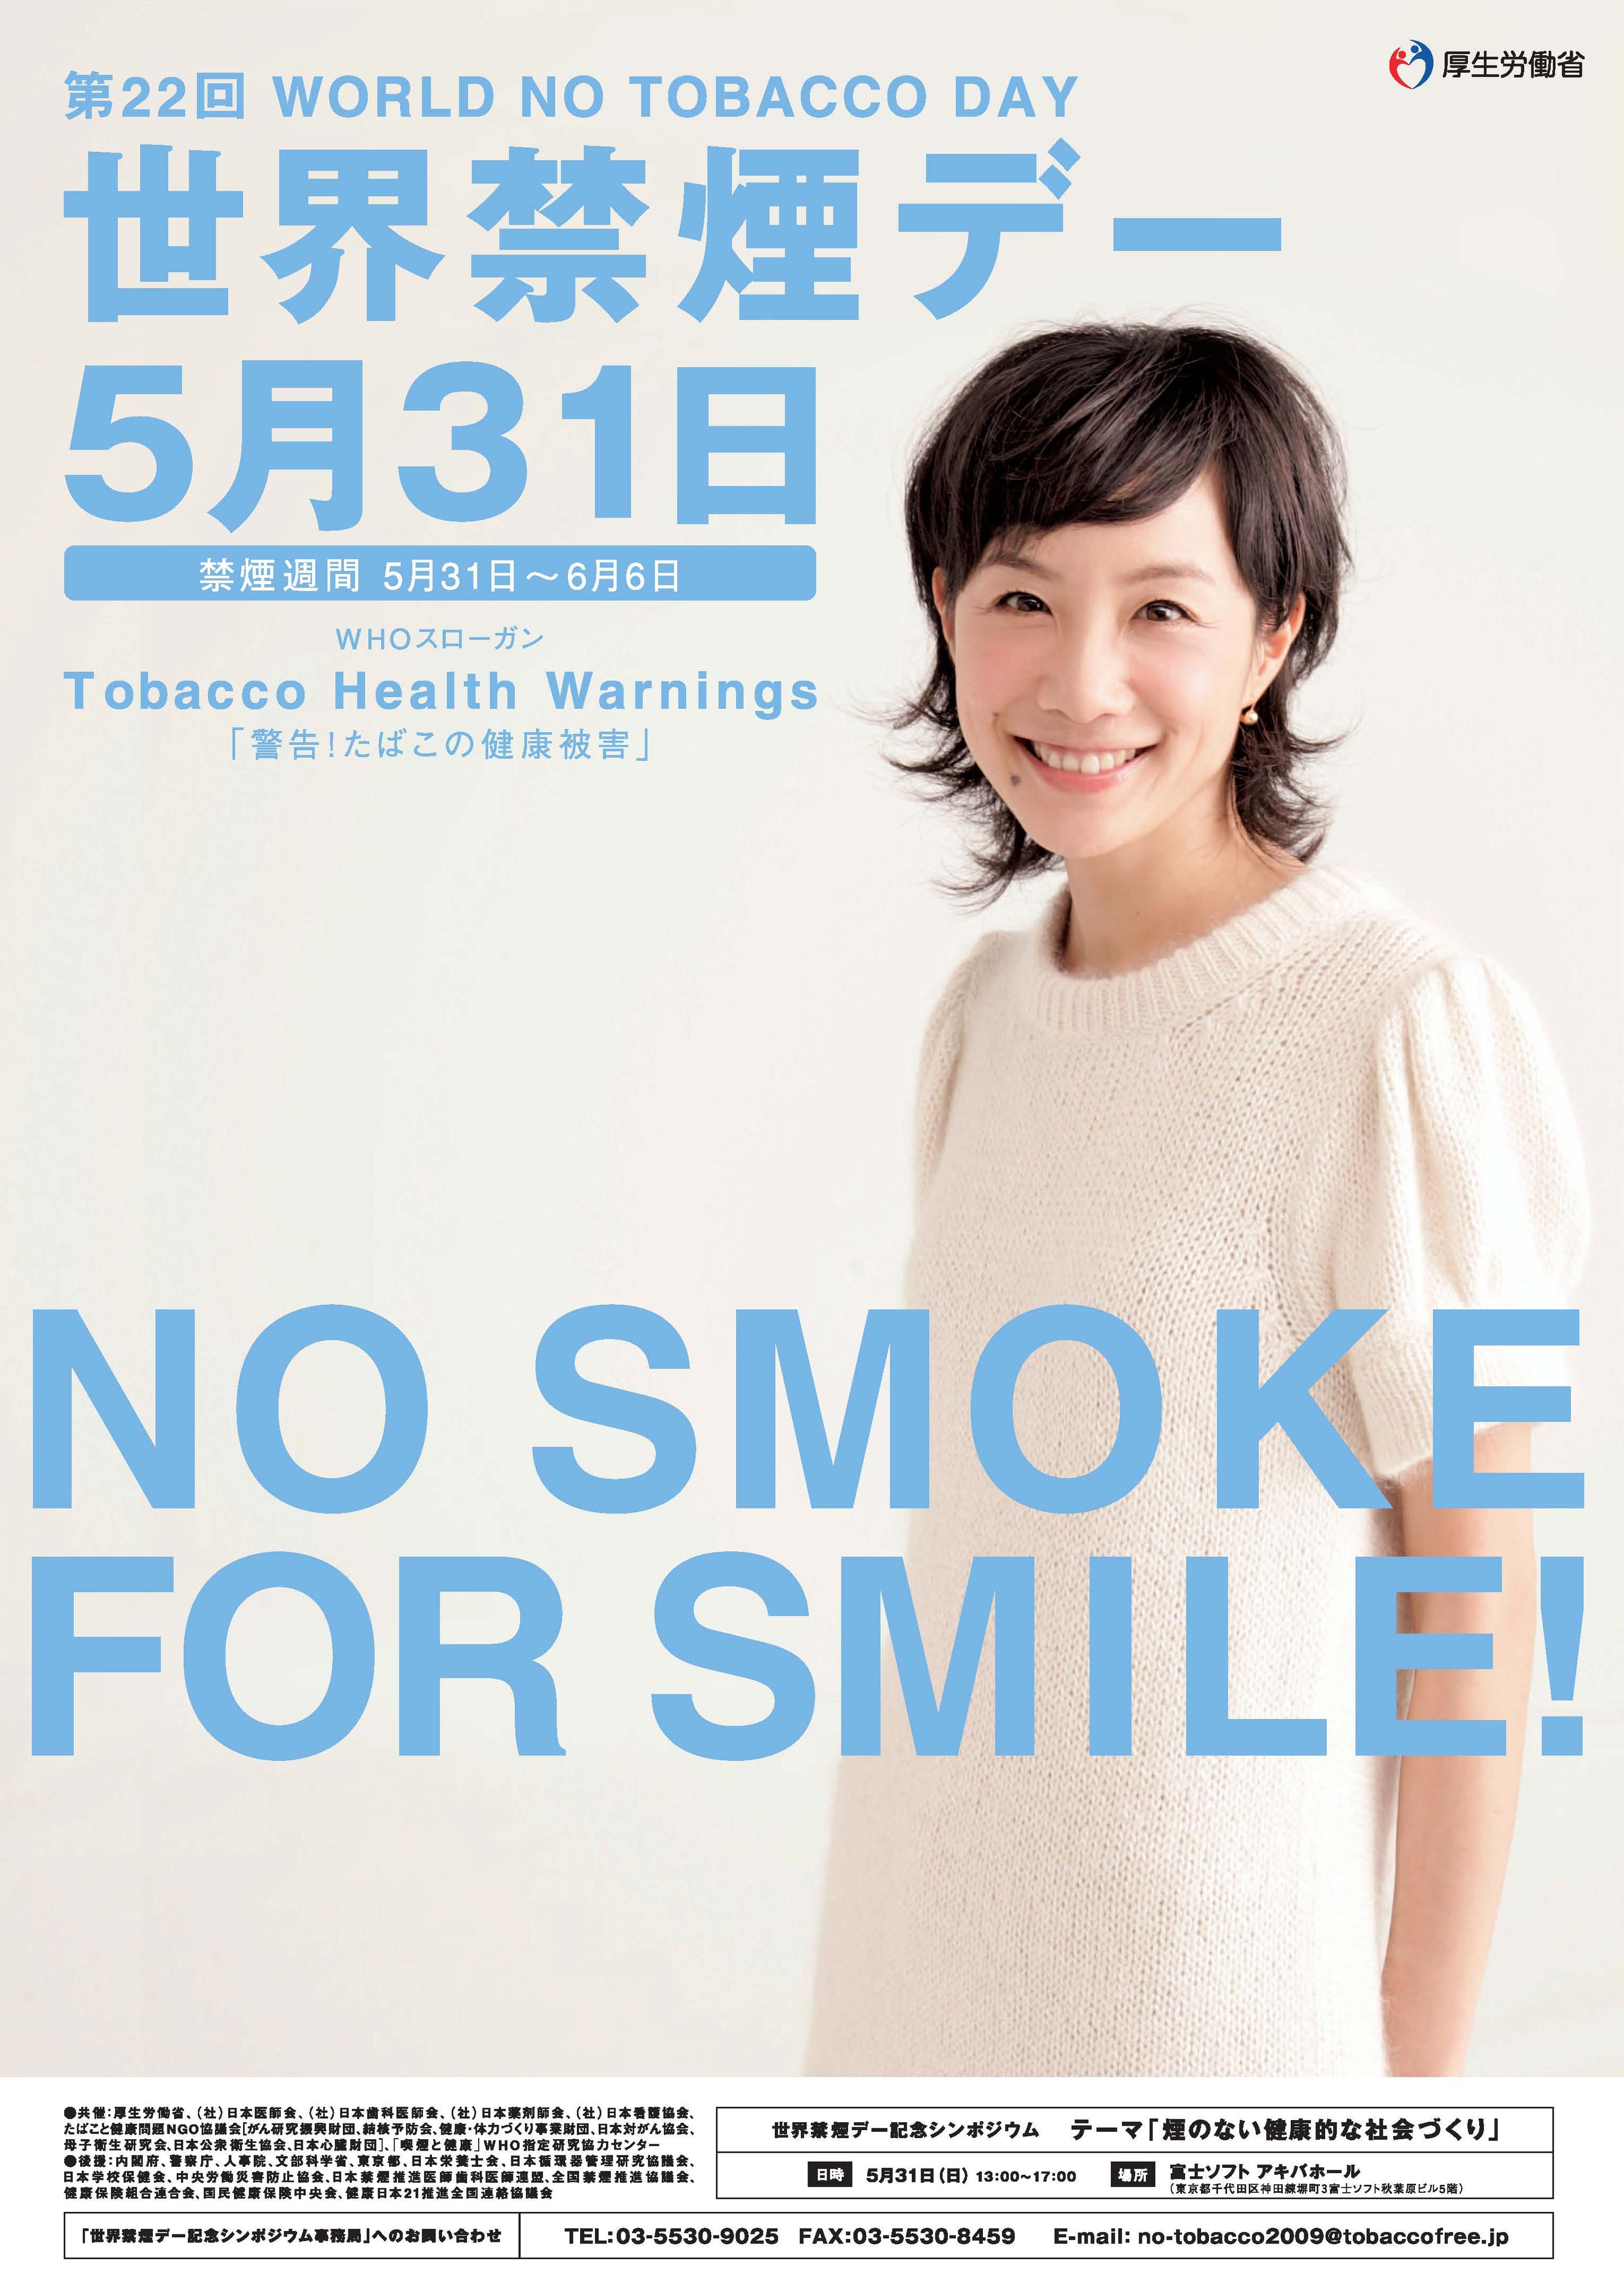 世界禁煙デーのポスター